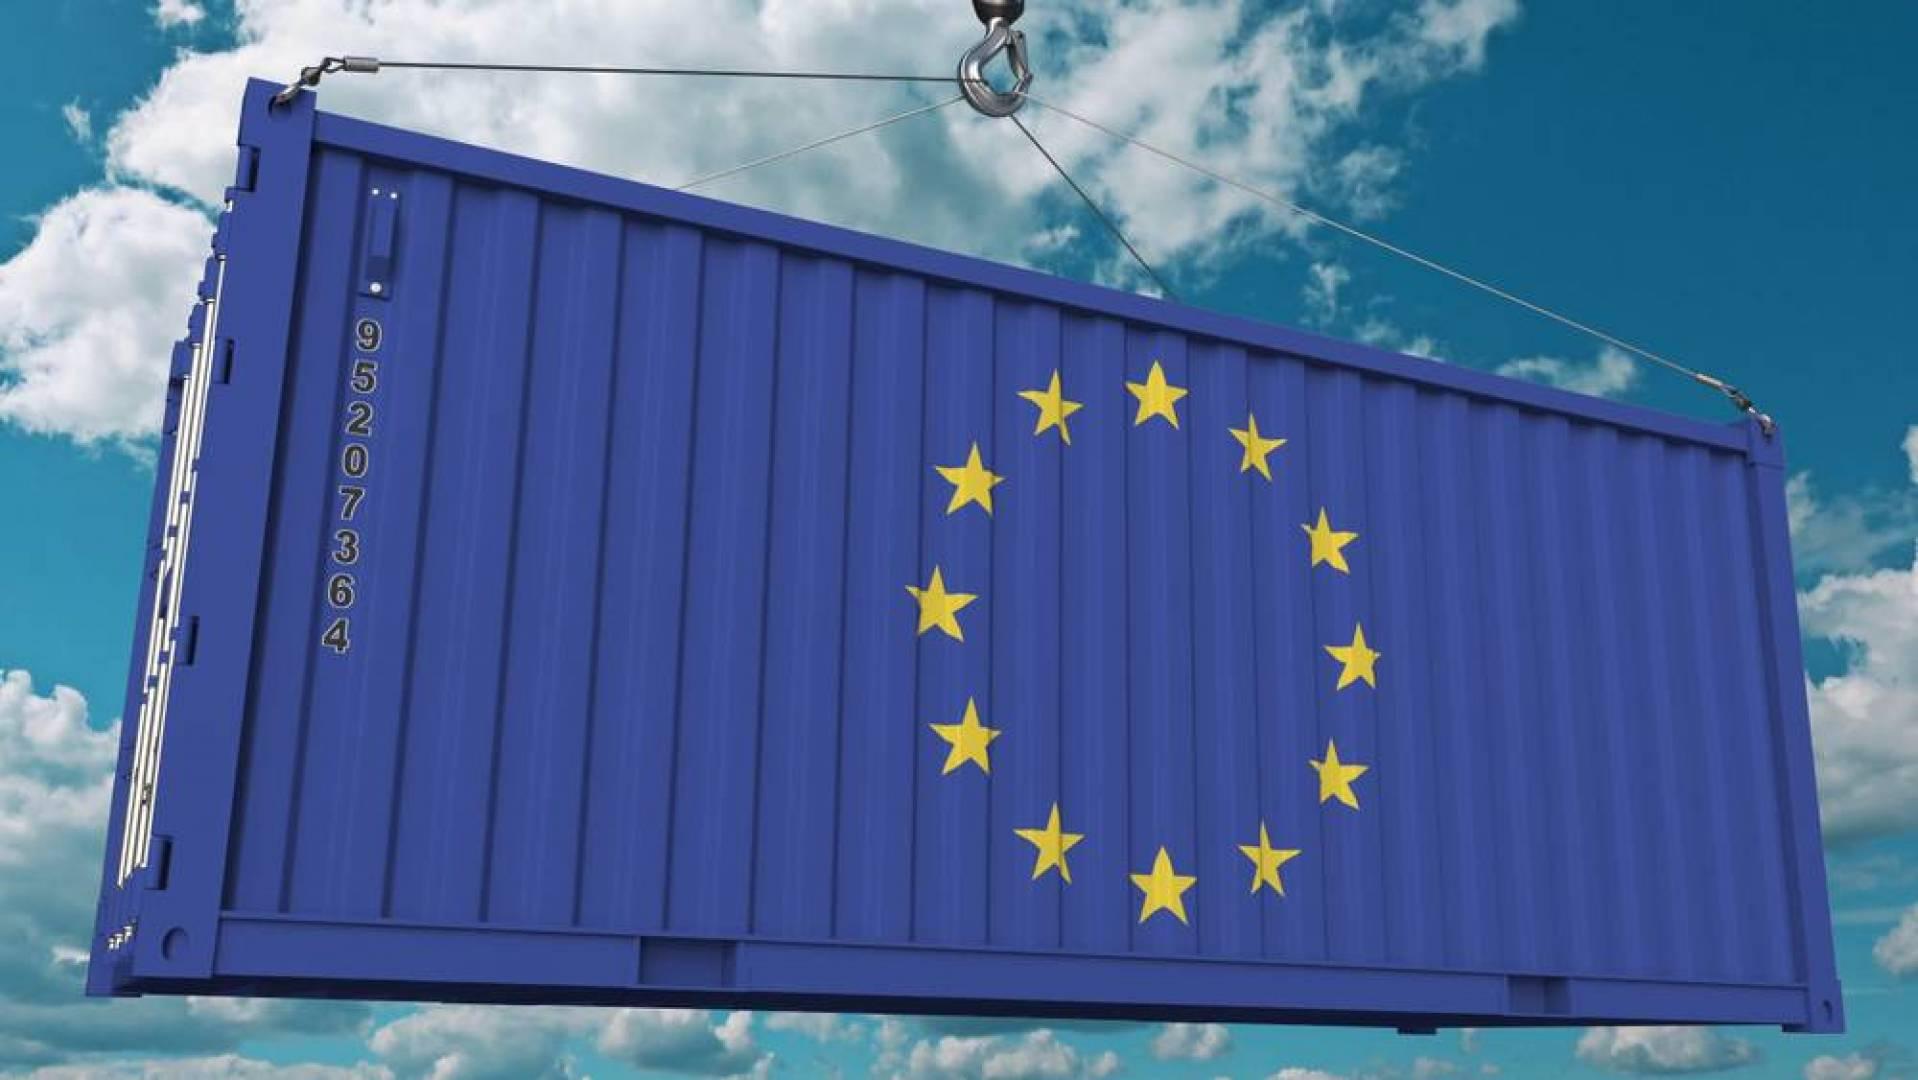 صادرات الاتحاد الأوروبي من يناير حتى مايو.. تهبط 12.9% لتبلغ 767.7 مليار يورو